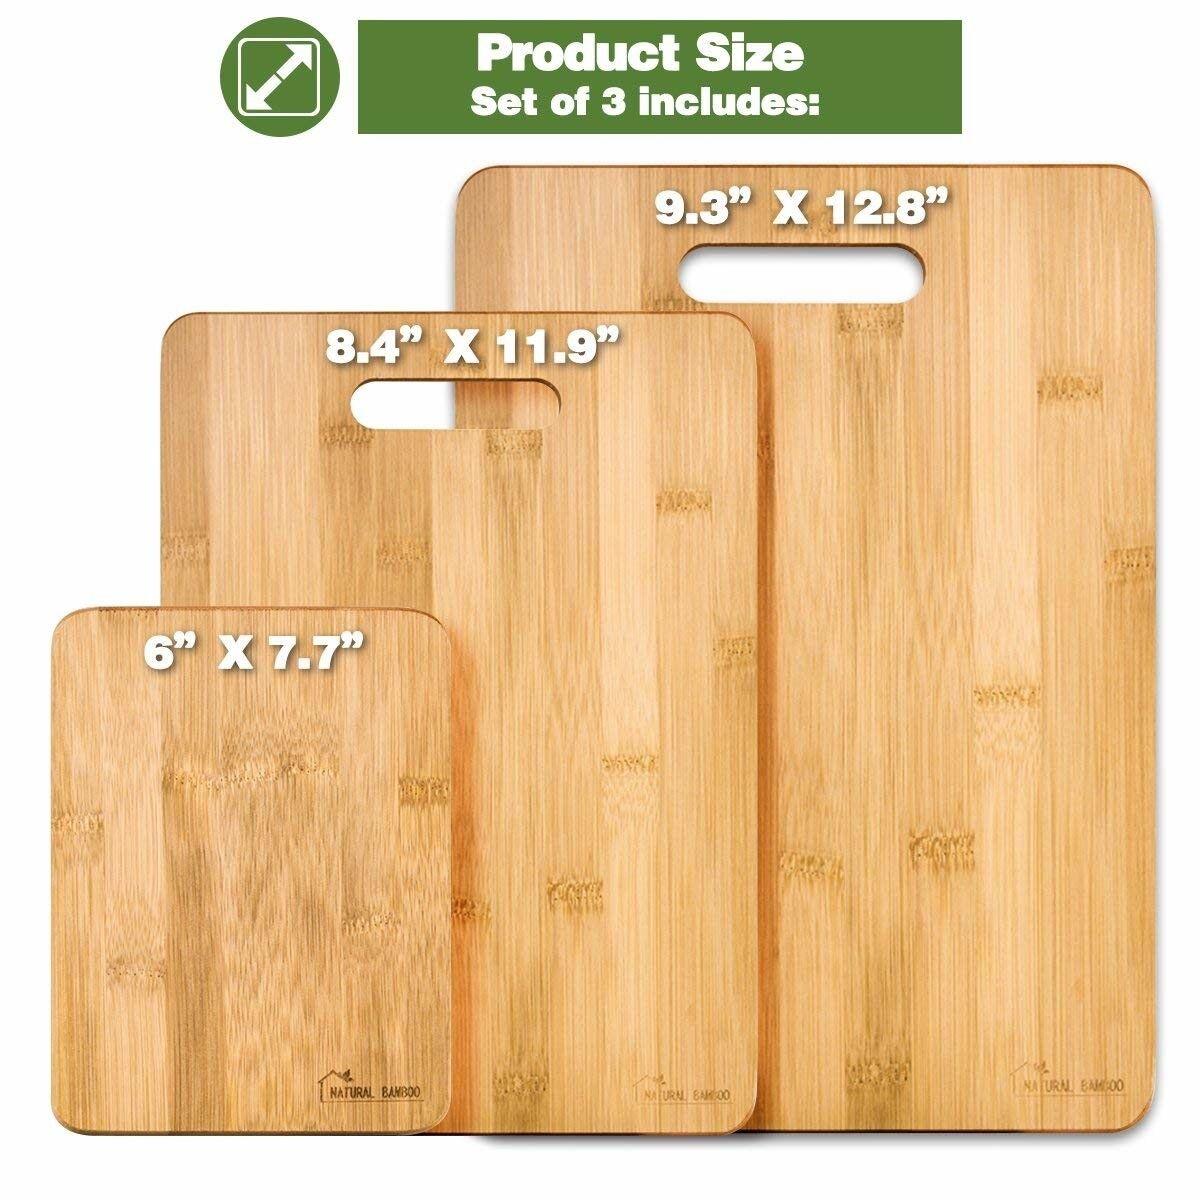 schneidebrett bambus gro test vergleich schneidebrett. Black Bedroom Furniture Sets. Home Design Ideas